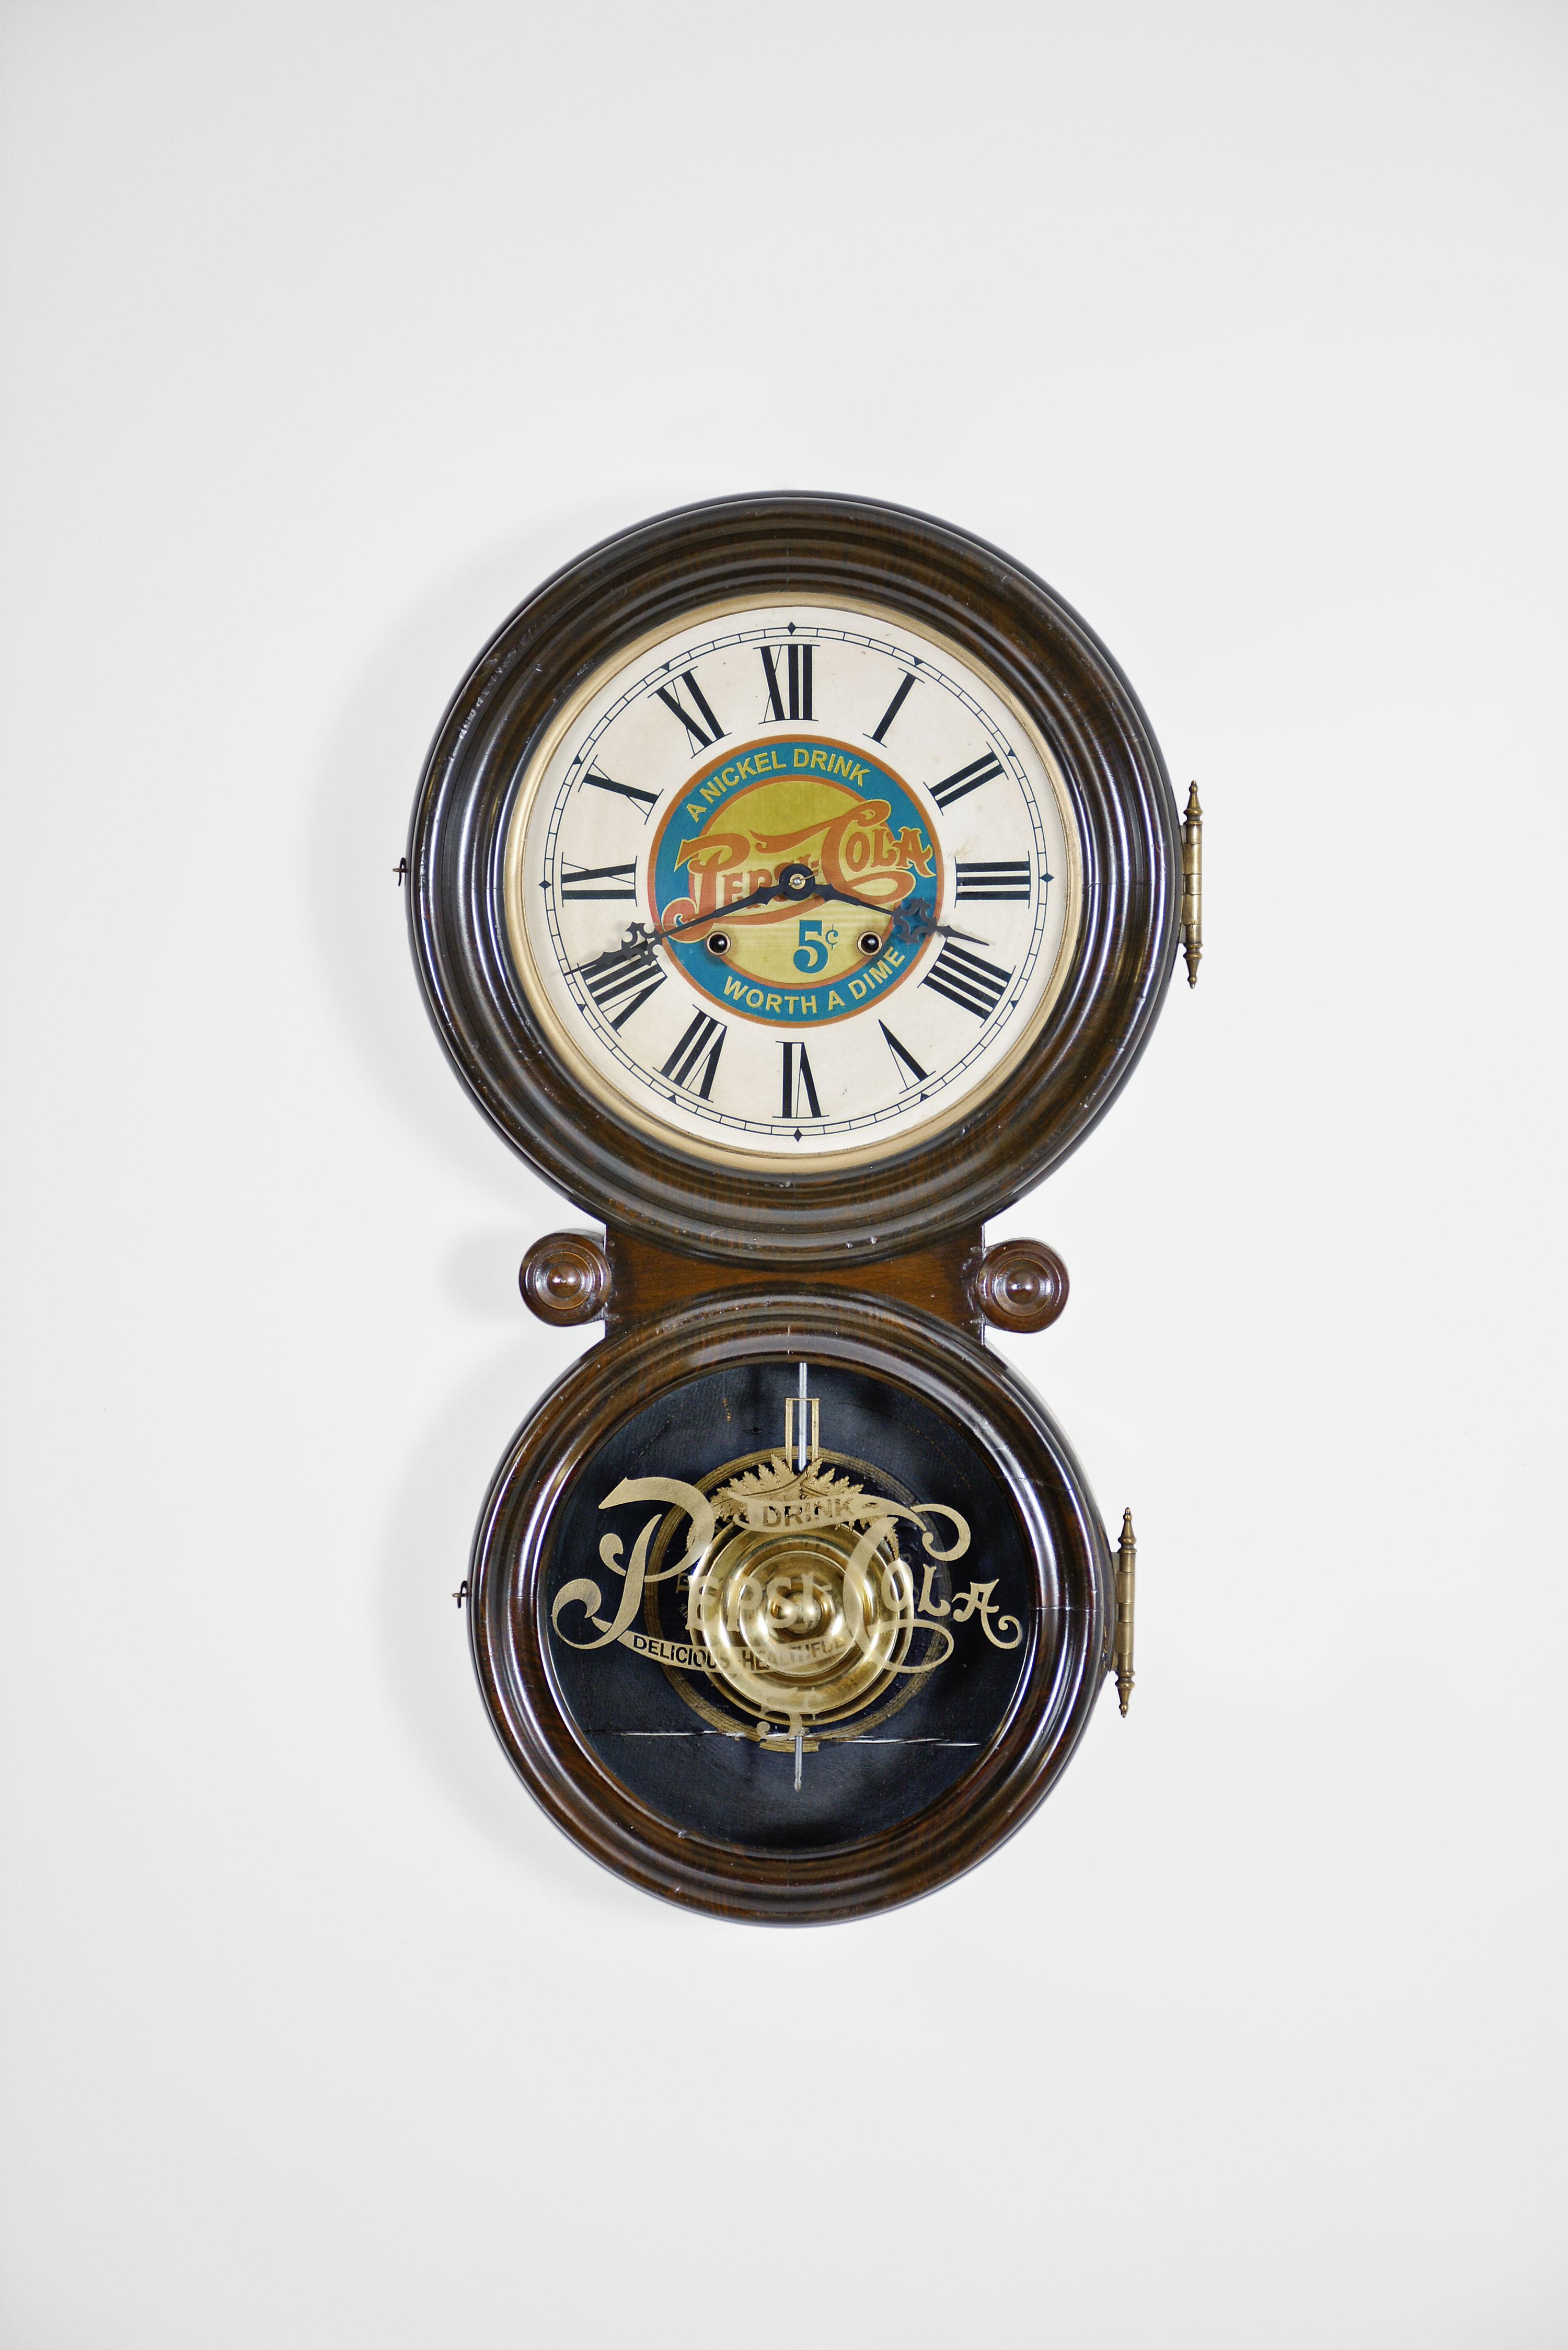 Nickel Steel Clock Winding Key Size 3 4 5 6 7 8 Spares Repair Winder Clockmaker